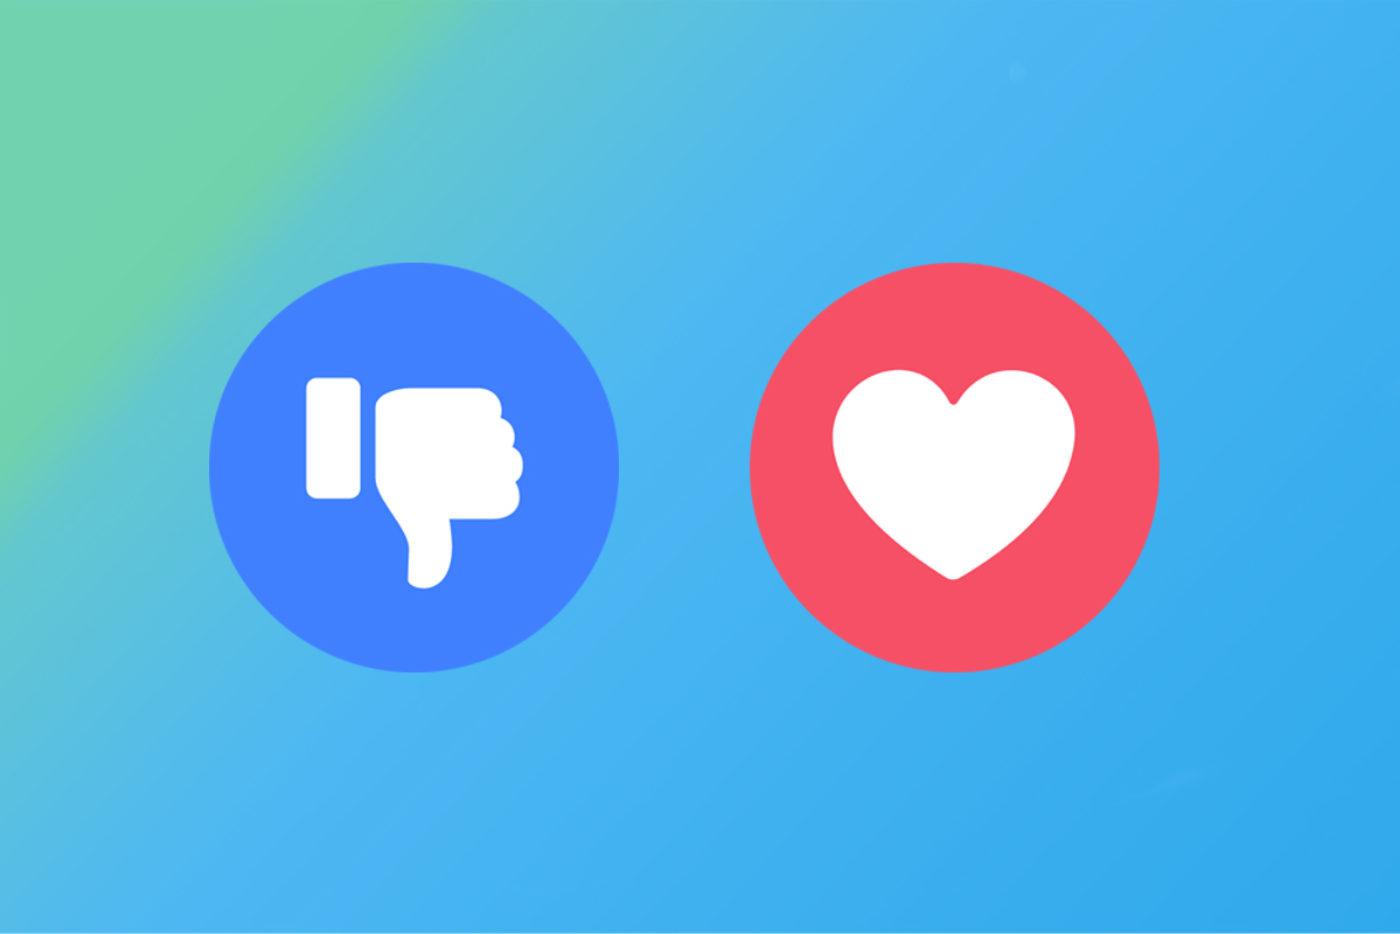 Мероприятия: Мастер-класс «Хорошие и плохие креативы в рекламе Facebook и Instagram» в Одессе